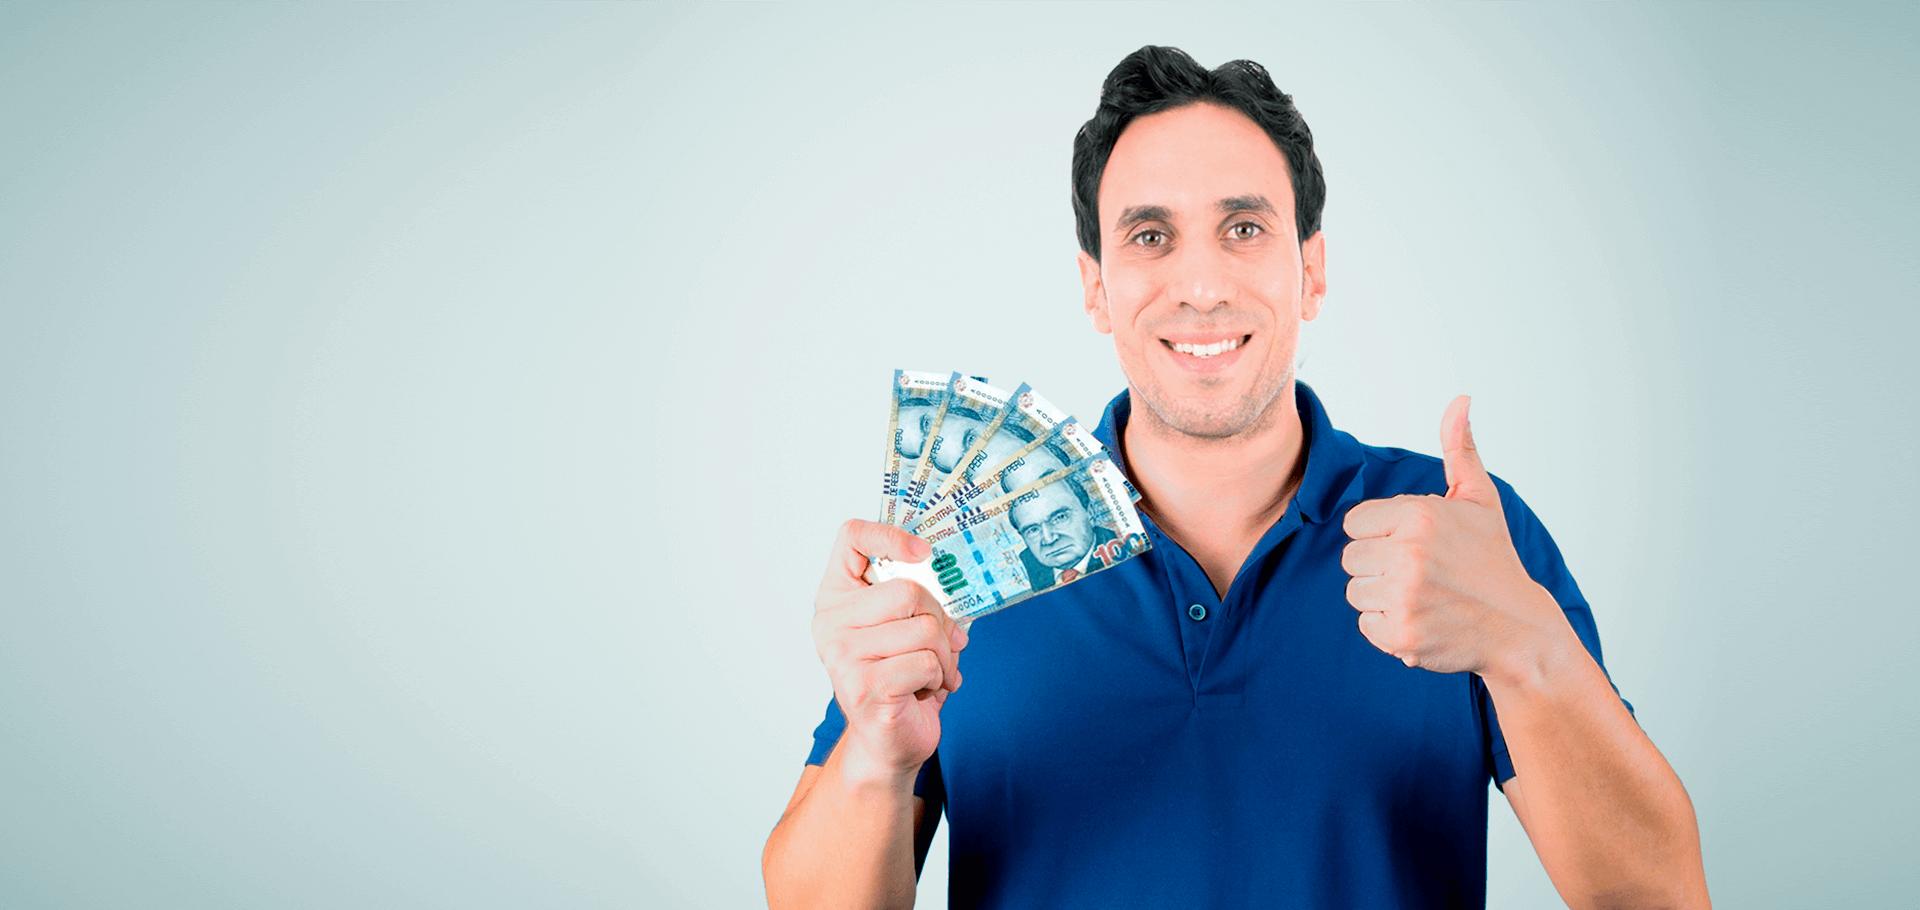 Solven préstamo online